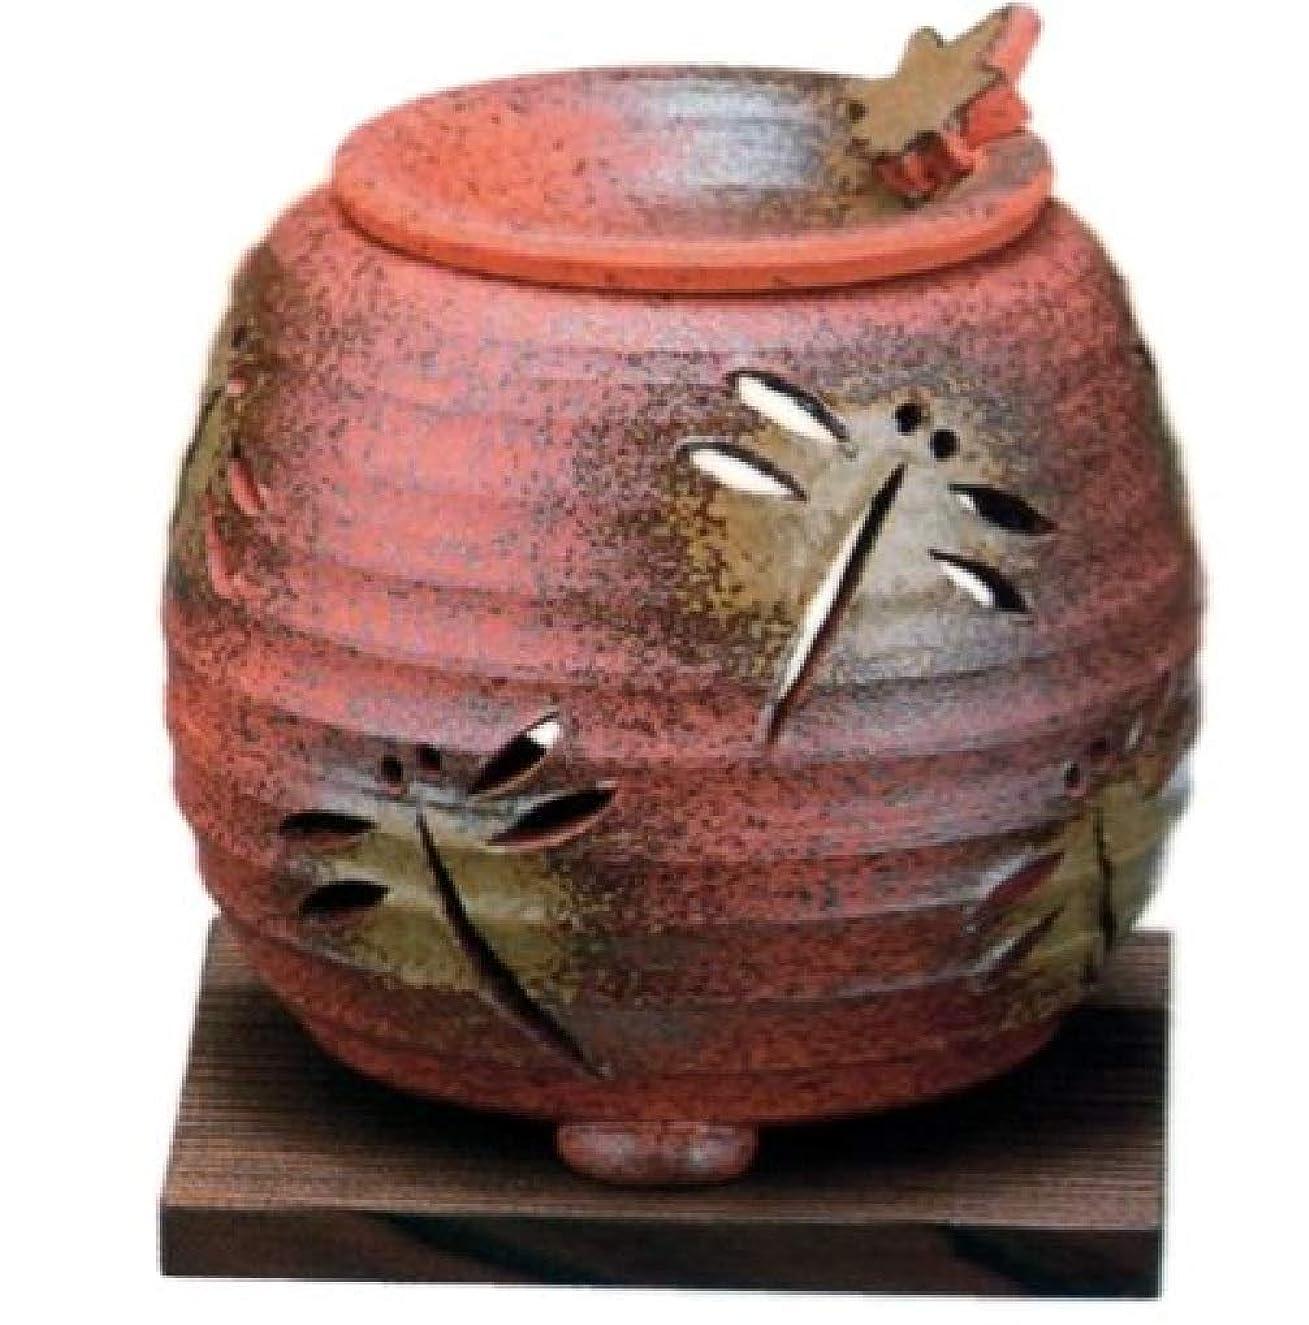 計算するトリップテロリスト常滑焼?石龍窯 カ38-07 茶香炉 トンボ 焼杉板付 約φ11×11cm